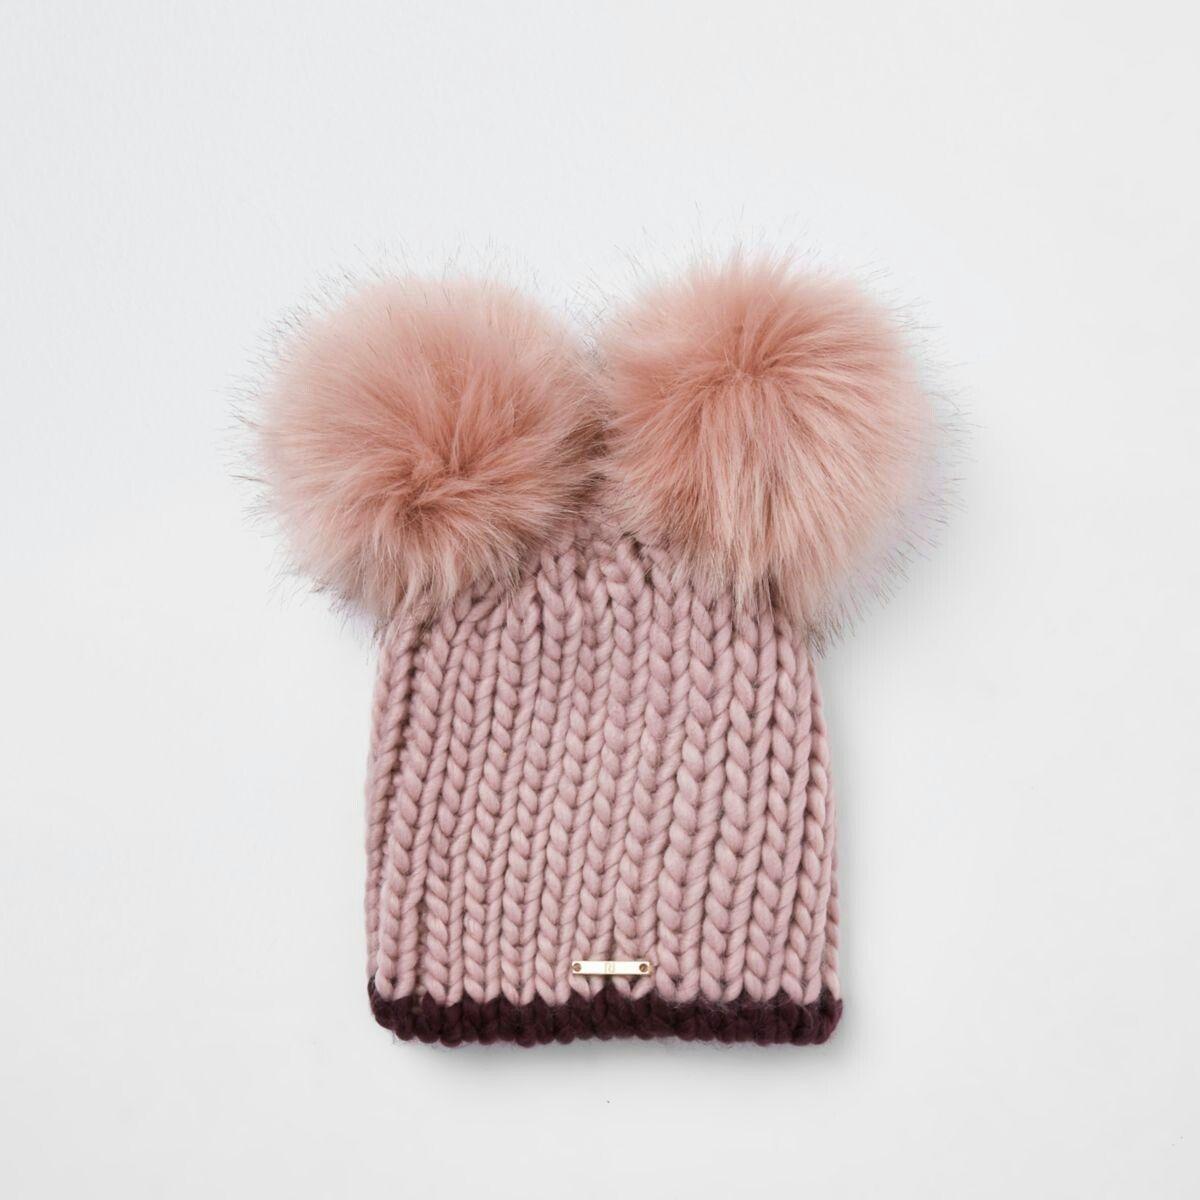 b1bd8a71e Cream faux fur double pom pom beanie | Hats in 2019 | Pom pom beanie ...